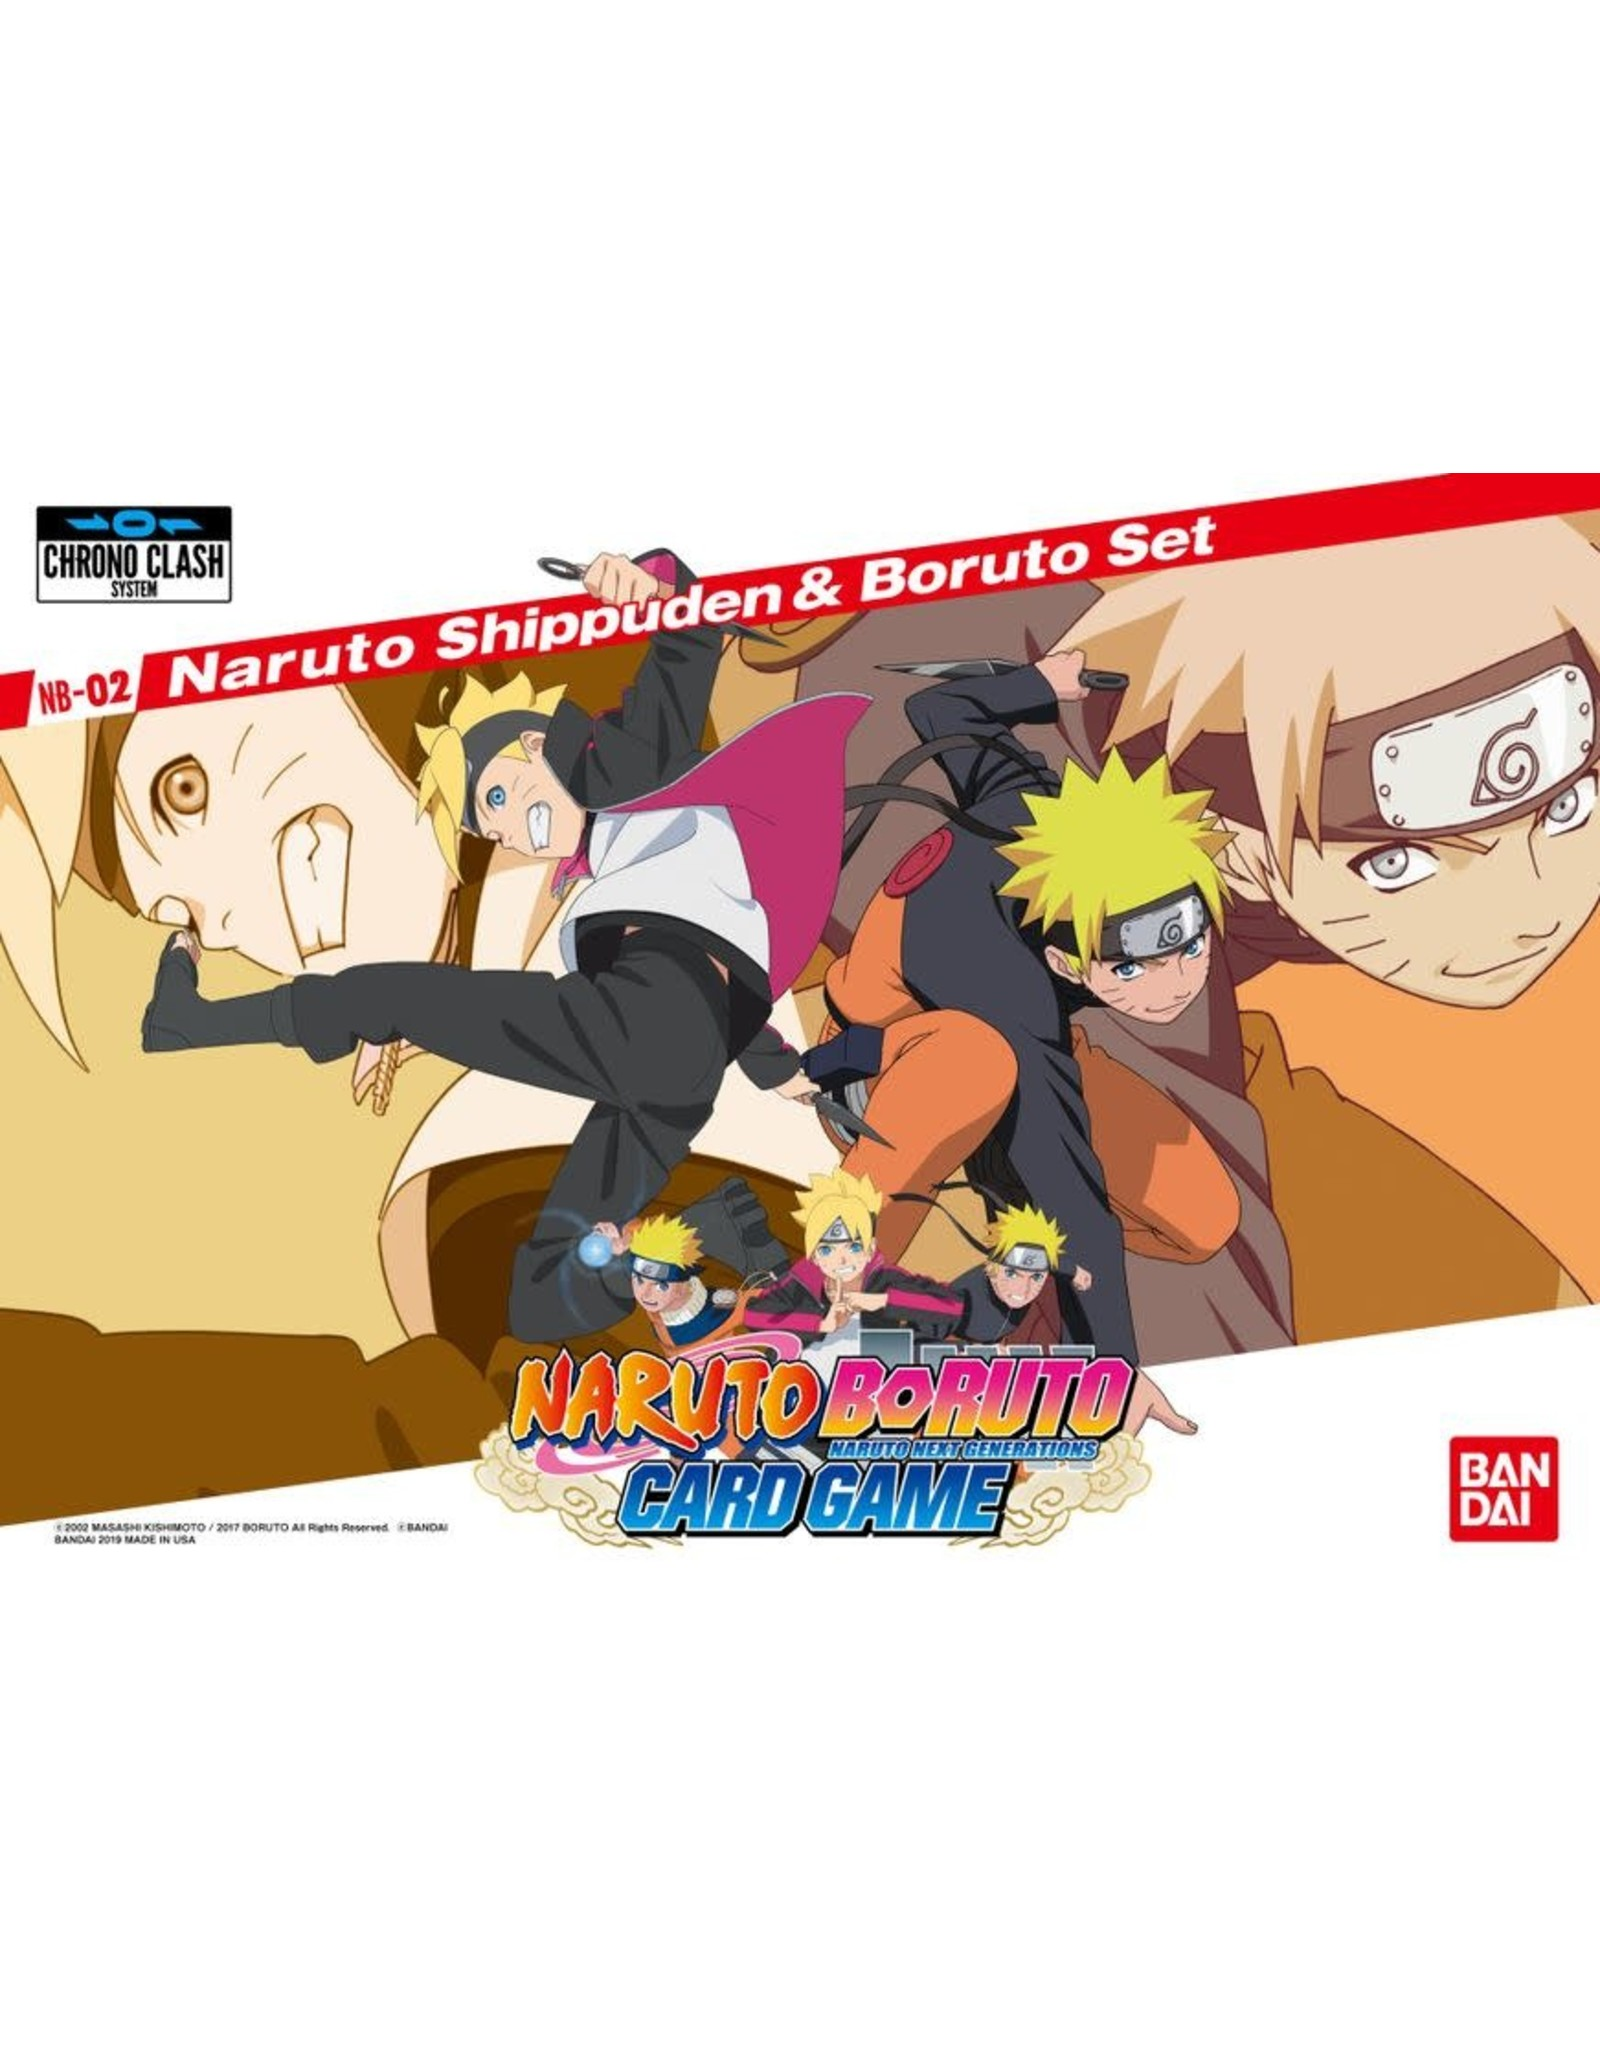 Bandai Naruto Boruto 2-Player Card Game: Naruto Shippuden & Boruto Set